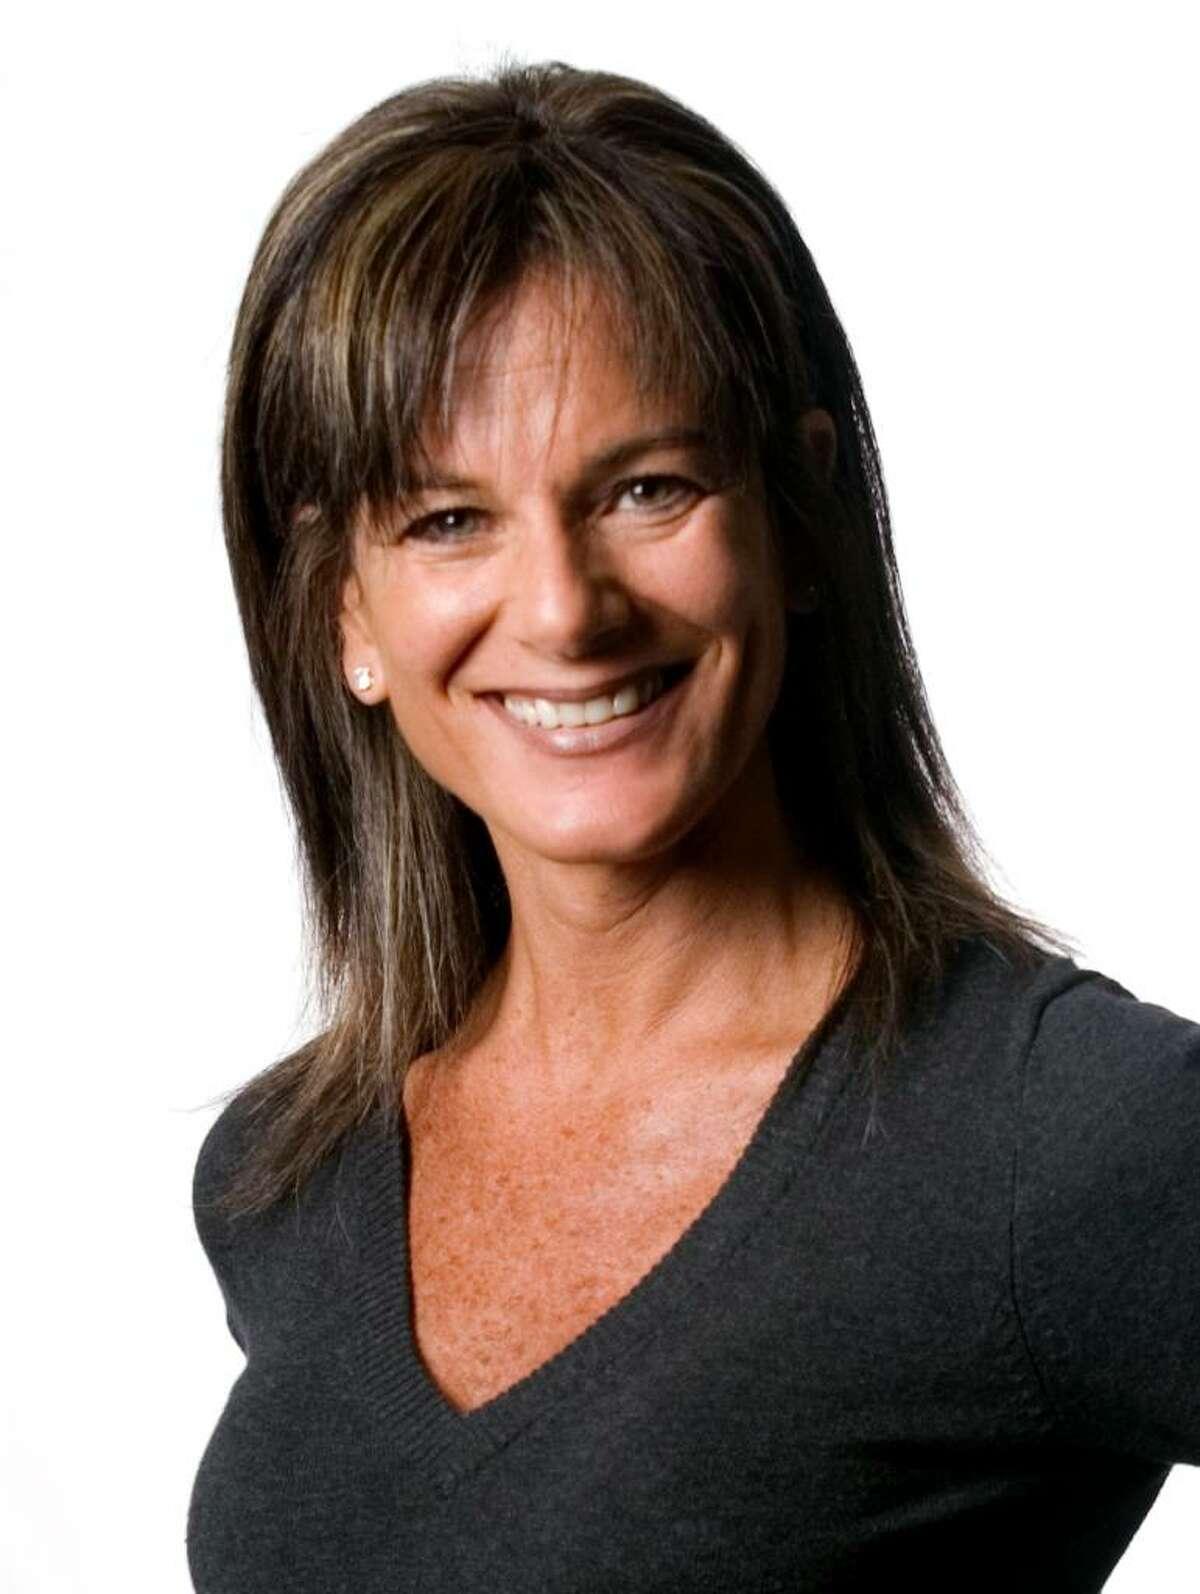 Susie Costaregni